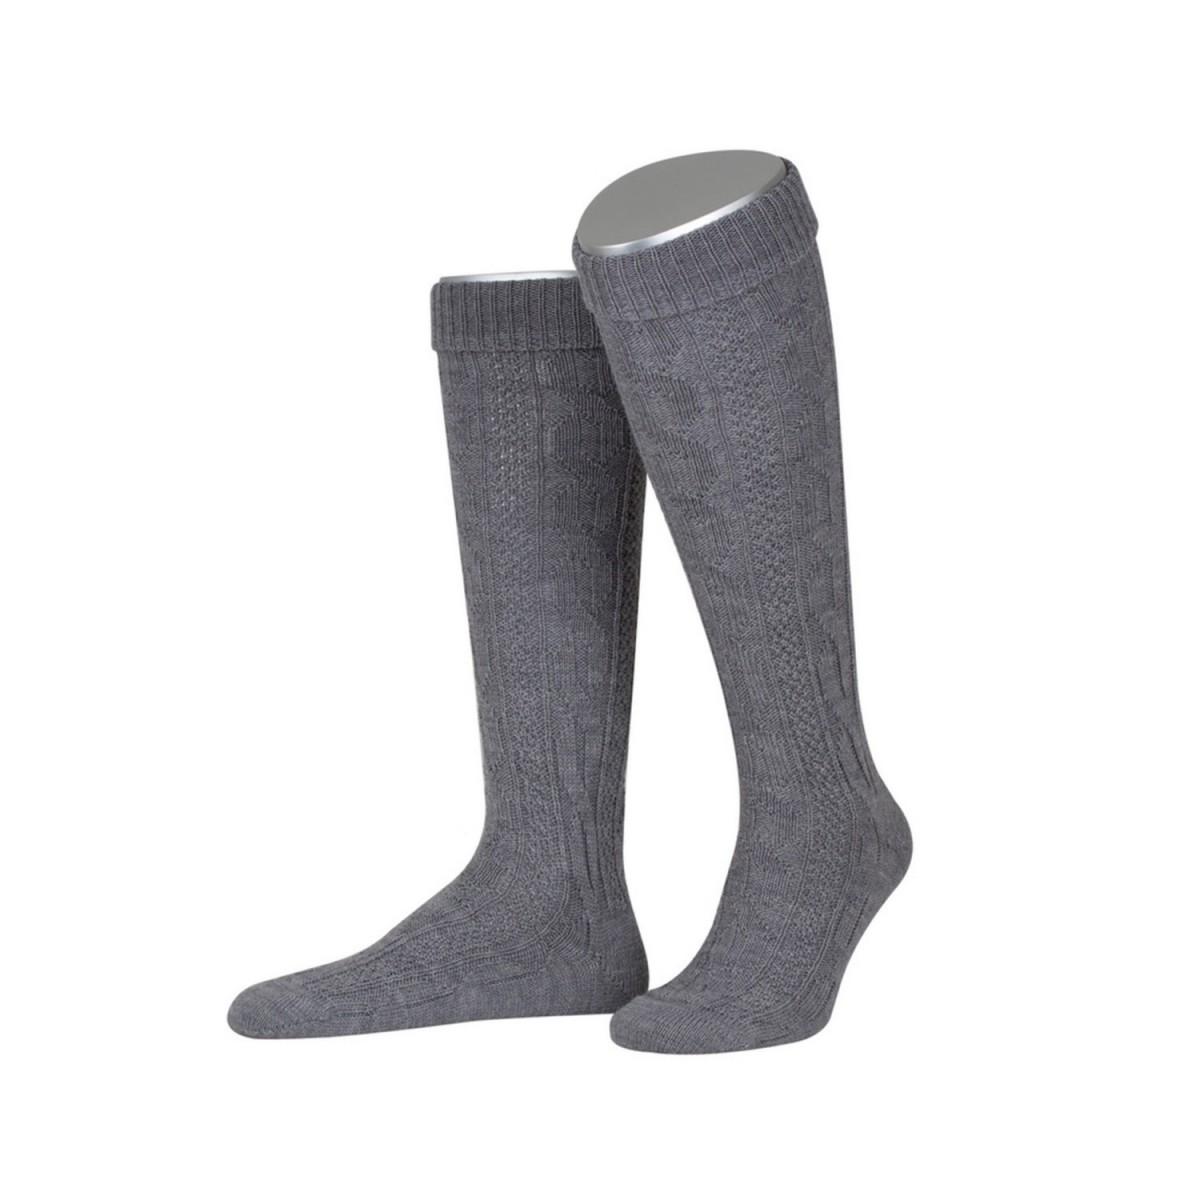 Kniebundstrumpf in Grau von Lusana günstig online kaufen